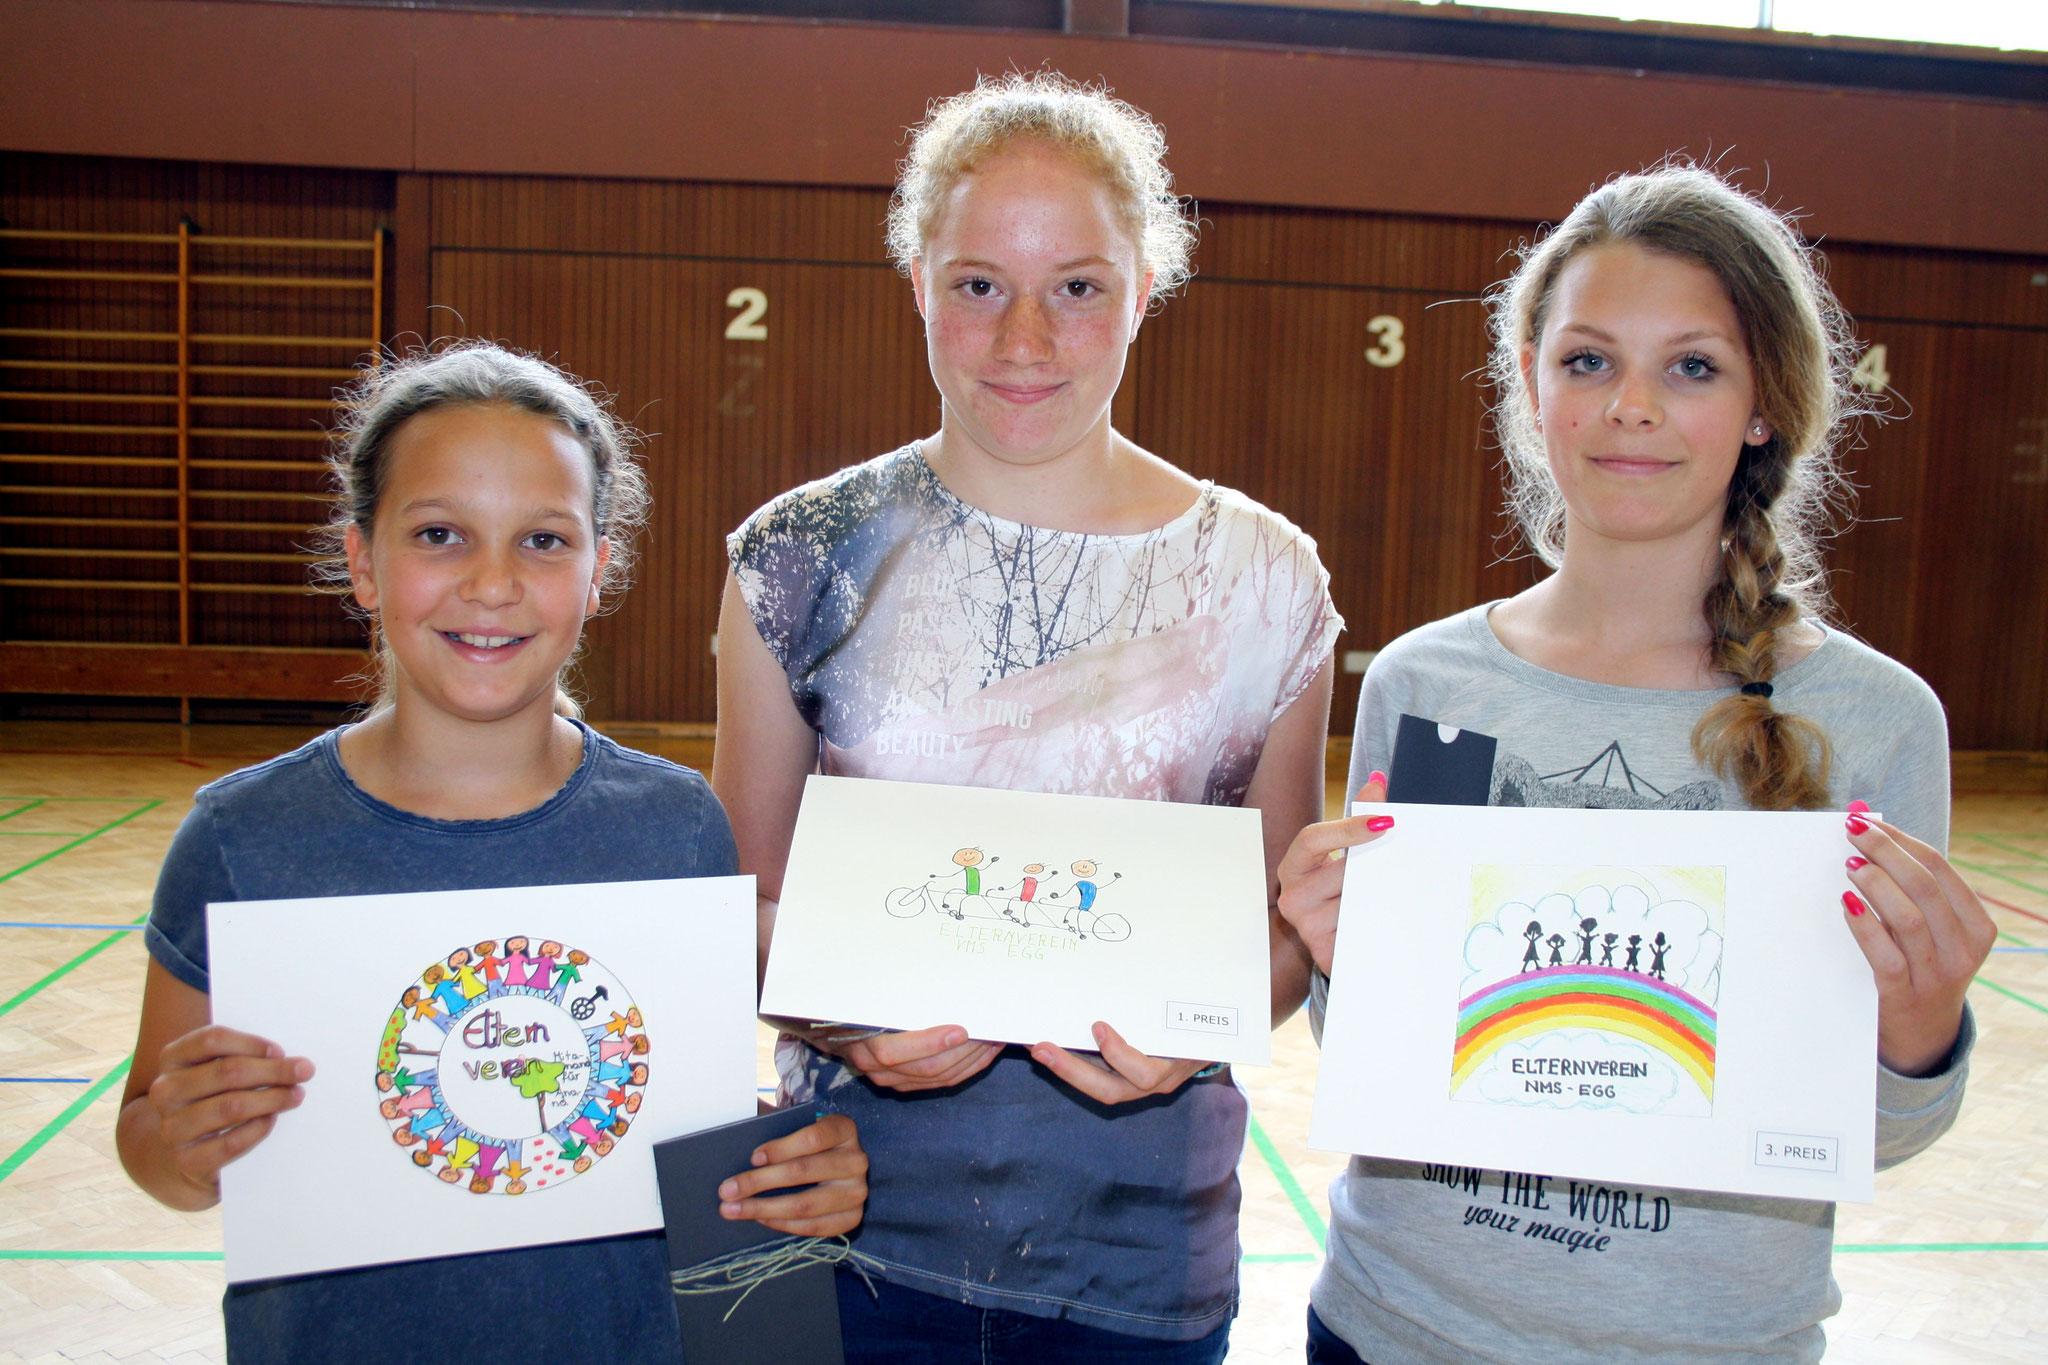 v.l. 2. Platz Anna Urach, 1. Platz Veronika Bär, 3. Platz Yasmin Brandini